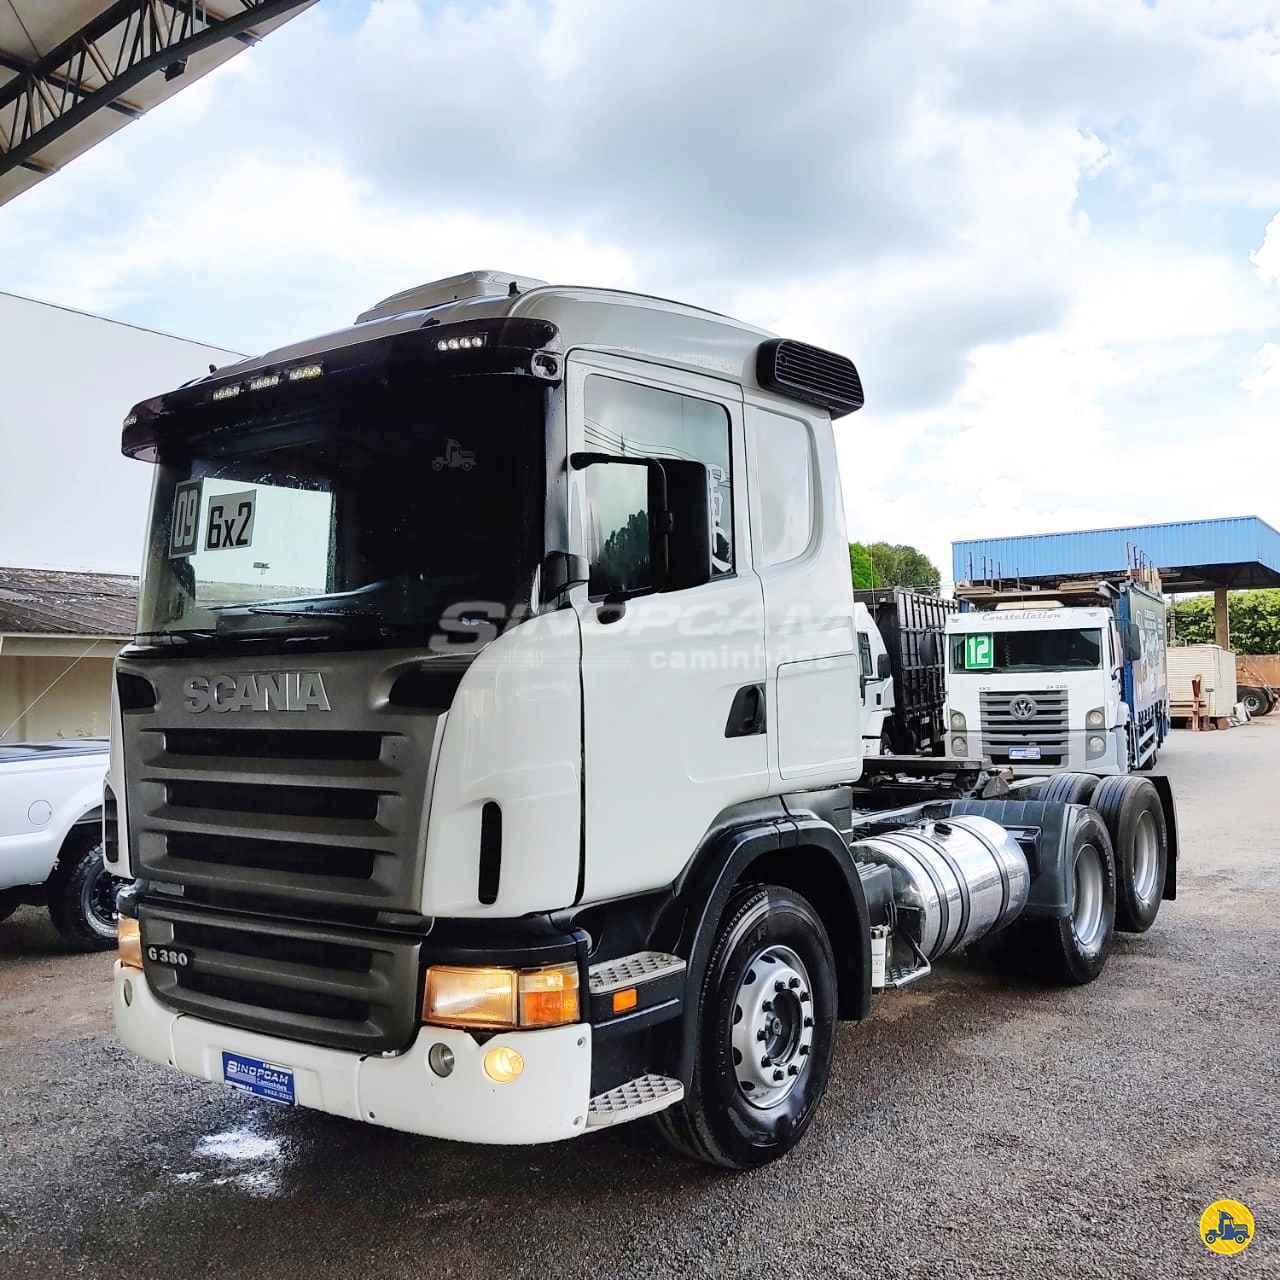 CAMINHAO SCANIA SCANIA 380 Cavalo Mecânico Truck 6x2 SinopCam Caminhões SINOP MATO GROSSO MT